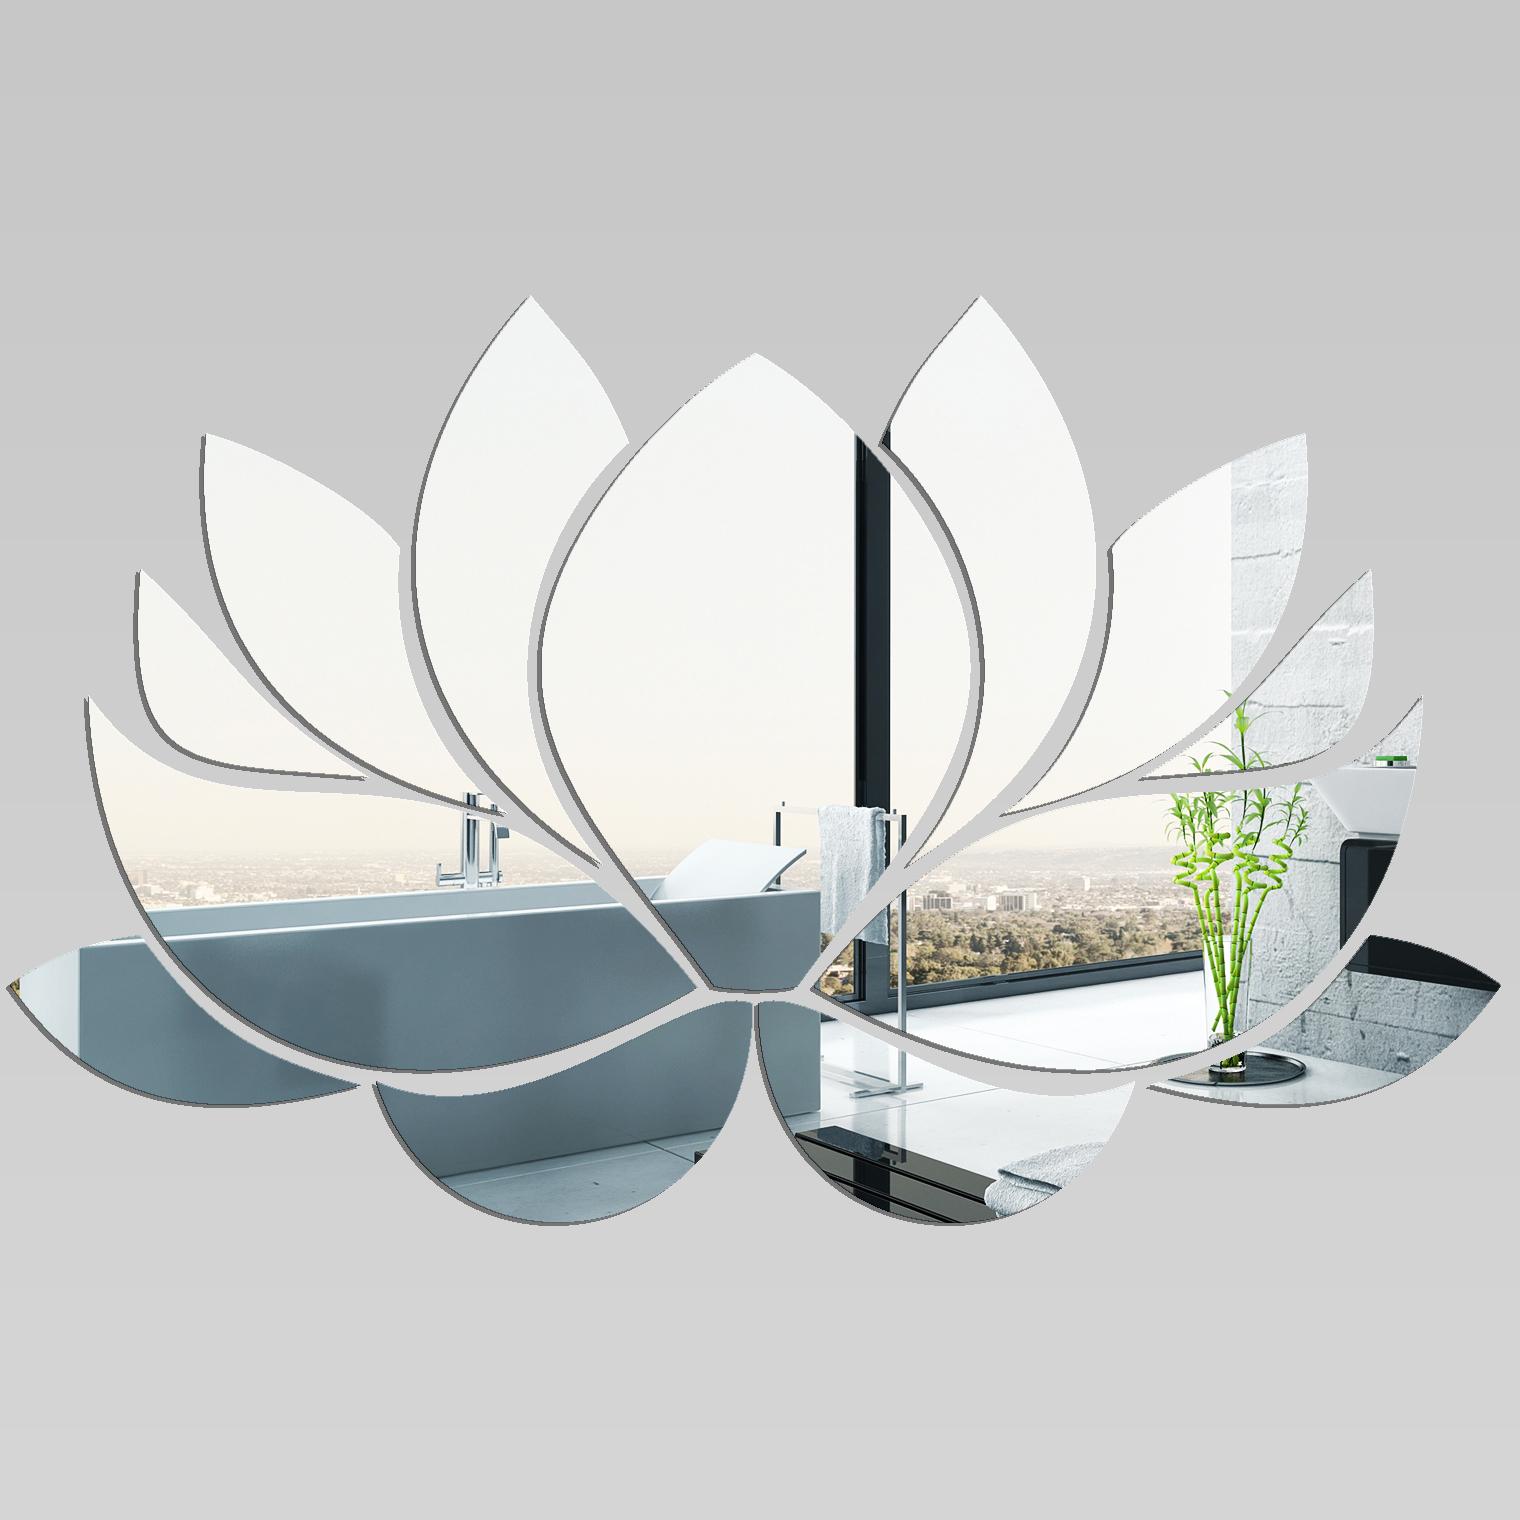 espejos decorativo acrlico plxiglas nenufar